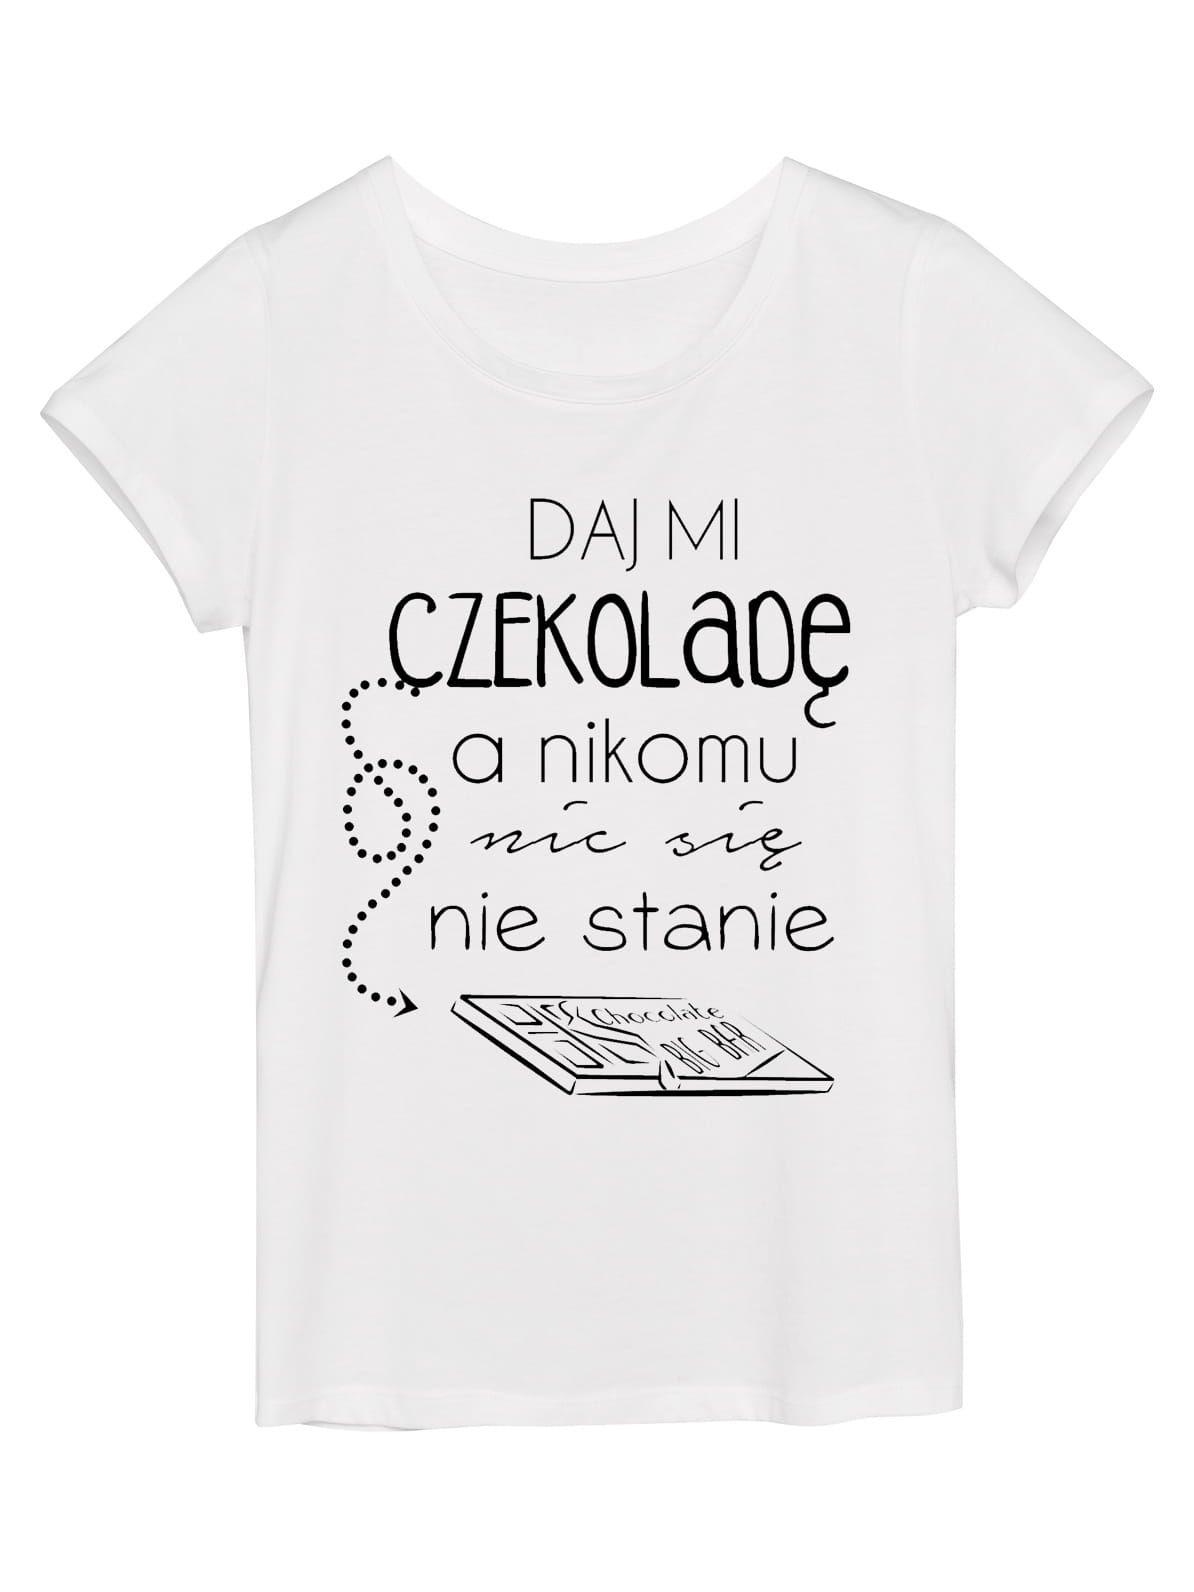 Koszulka Damska Daj Mi Czekolade In 2020 Koszulki Smieszne